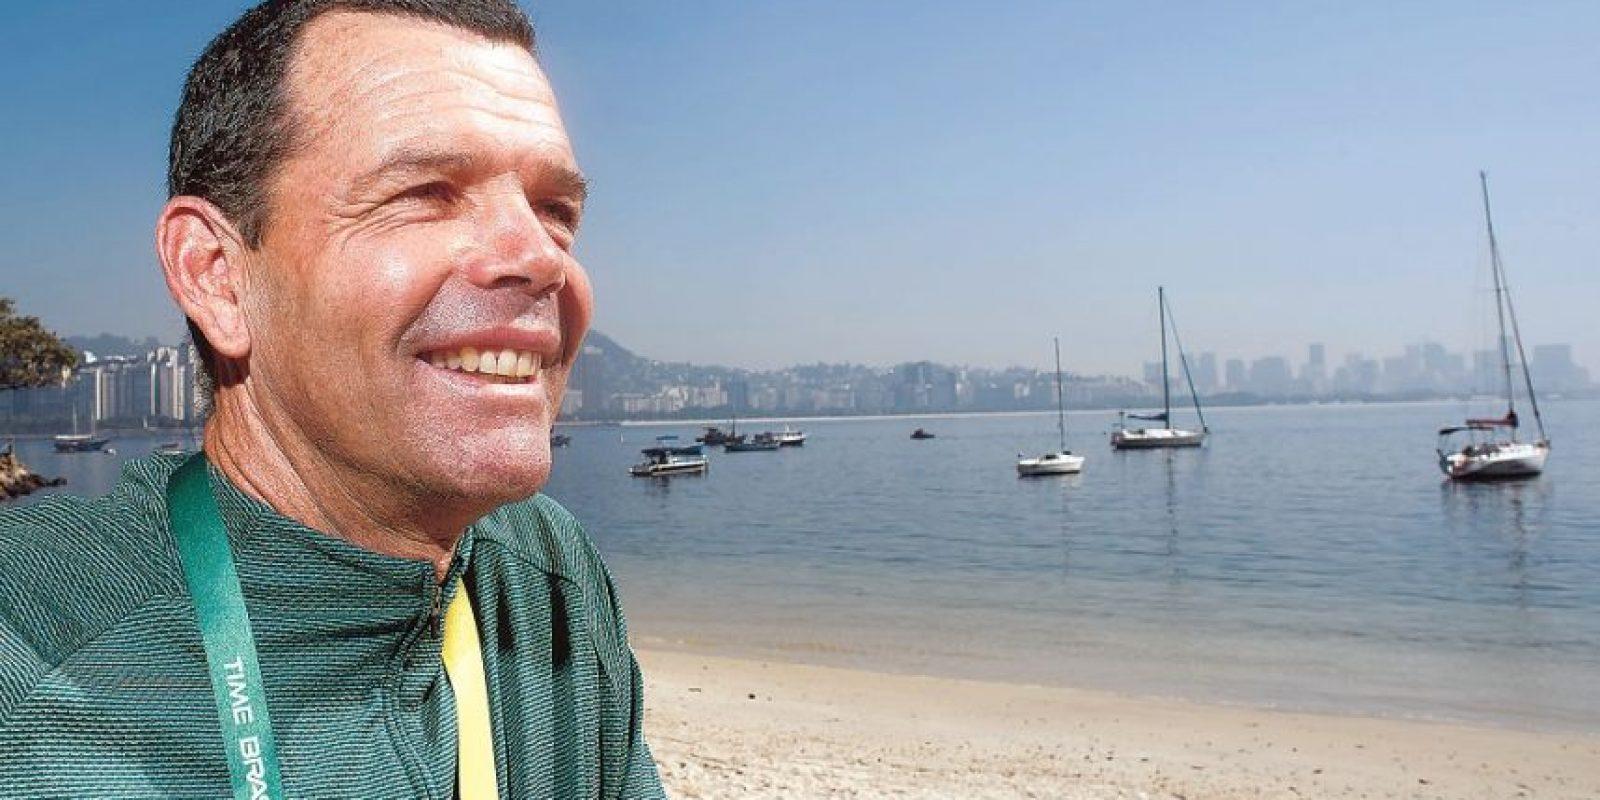 Torben Grael pasará su experiencia para el equipo olímpico como coordinador técnico. Foto:SAULO CRUZ/EXEMPLUS/COB